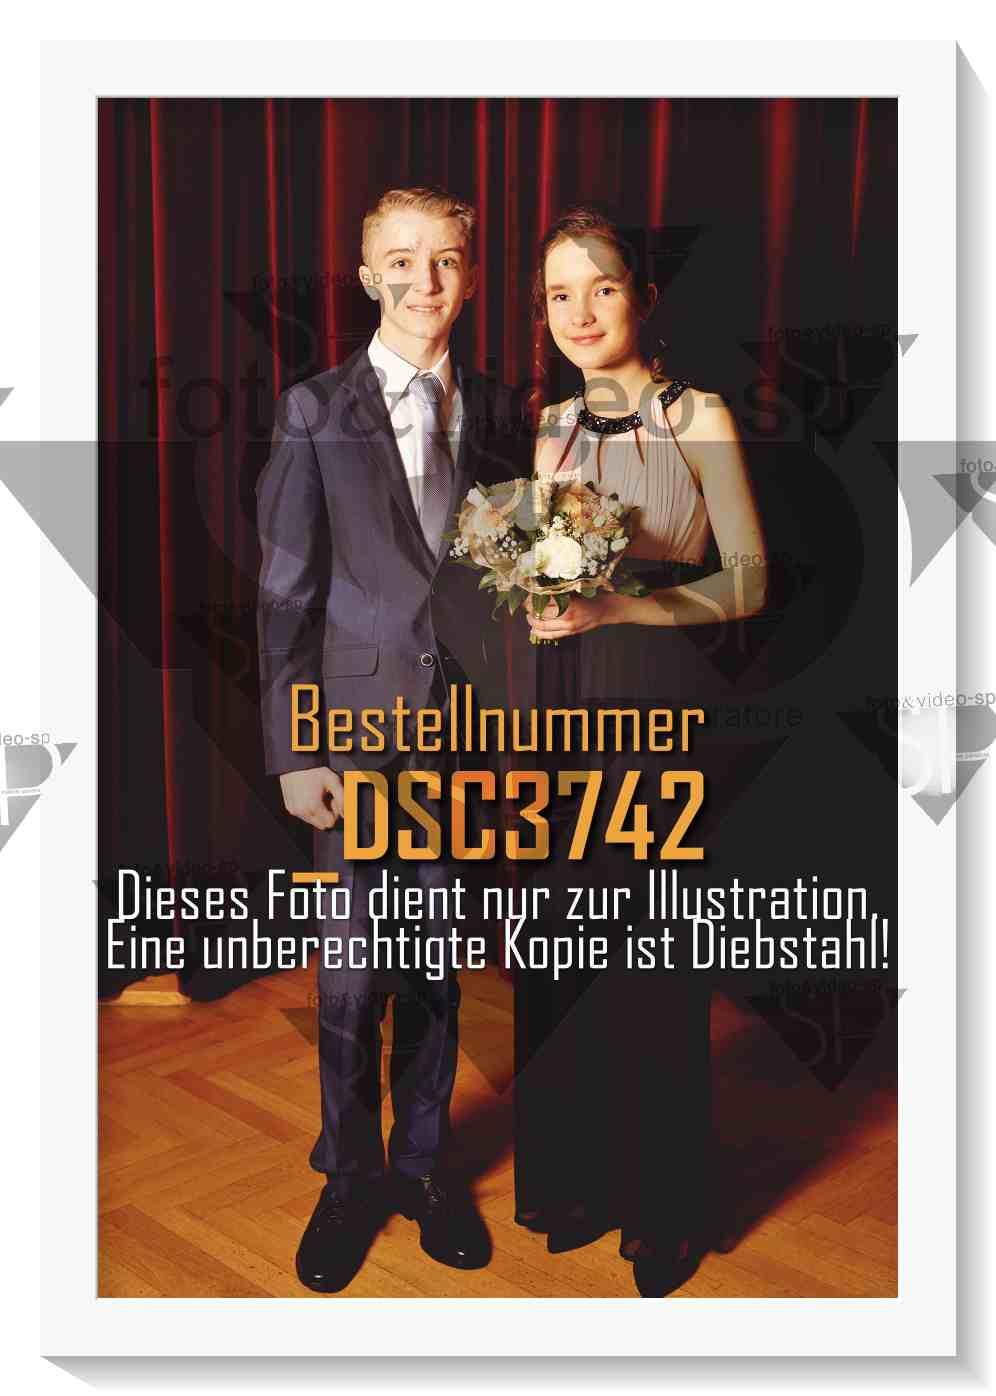 DSC3742